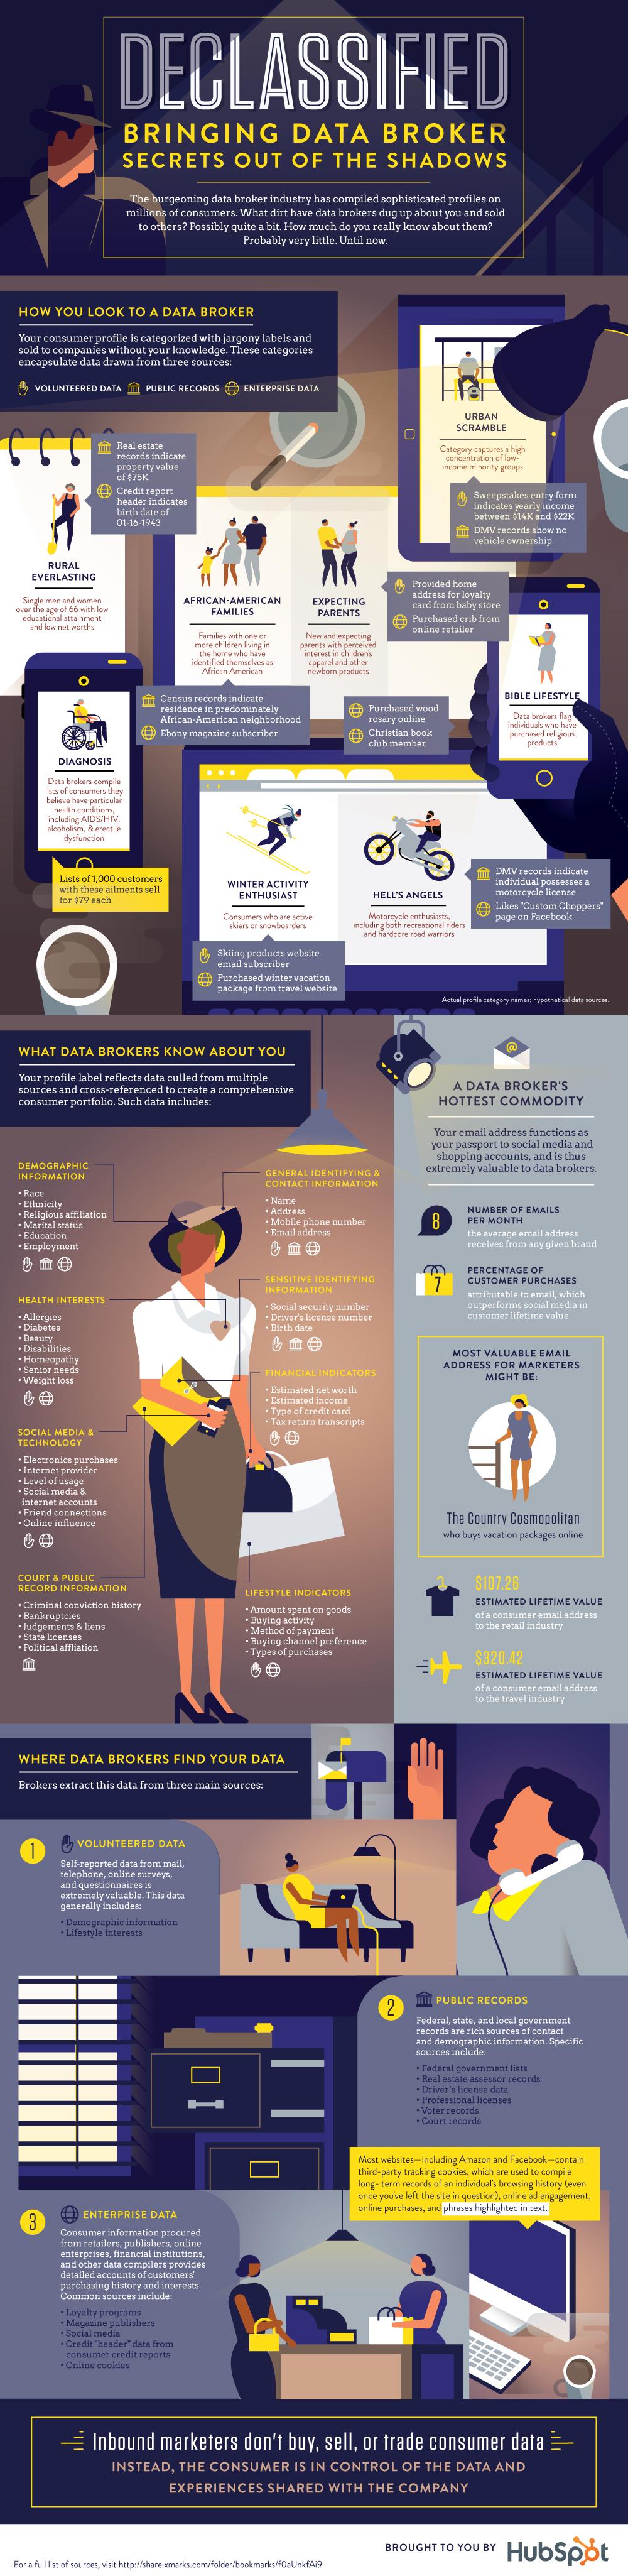 Data-Brokers-HubSpot-Infographic